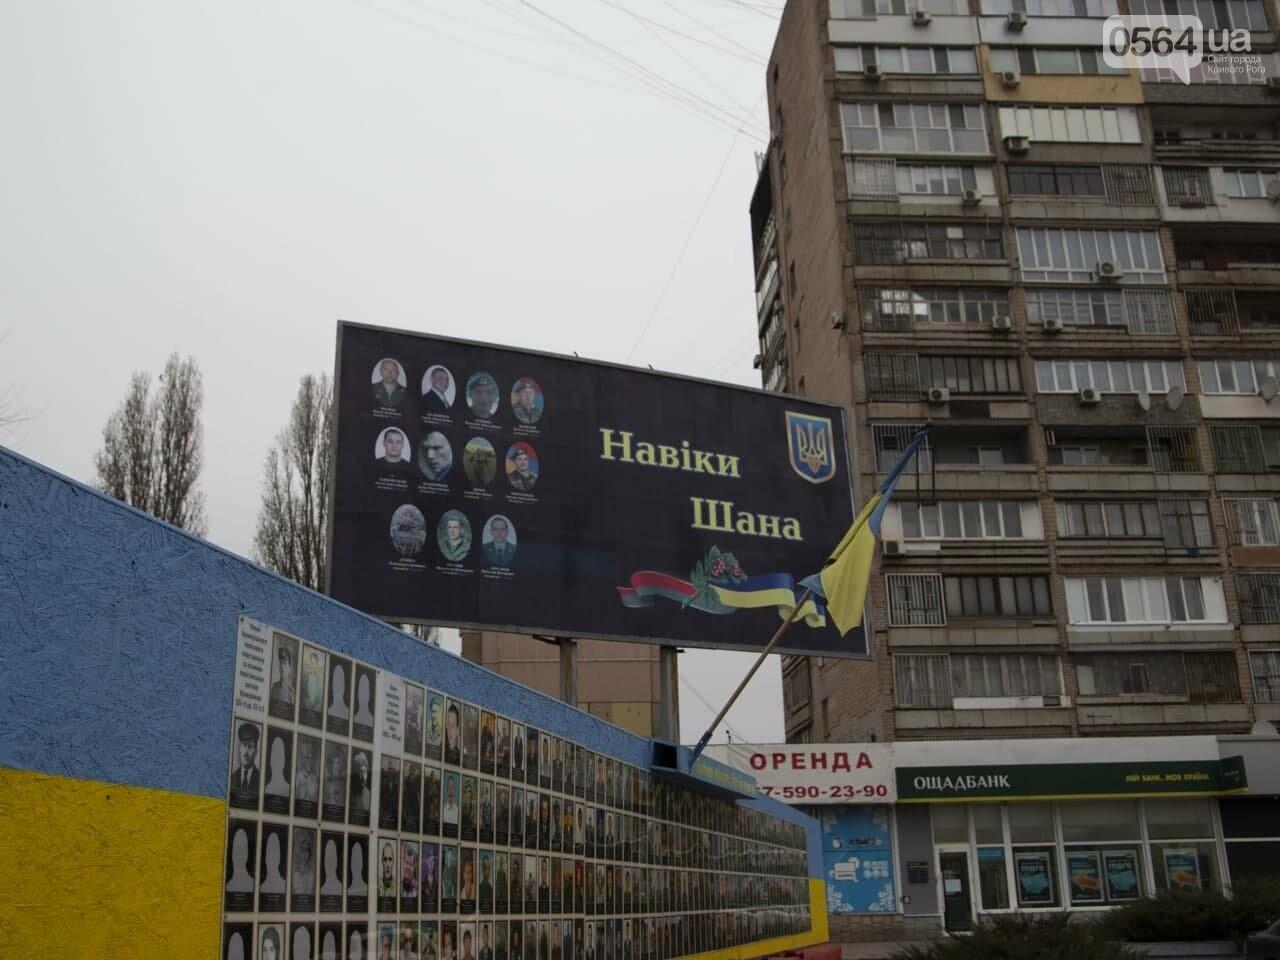 В центре Кривого Рога разместили борд с фотографиями погибших в АТО Героев, - ФОТО , фото-4